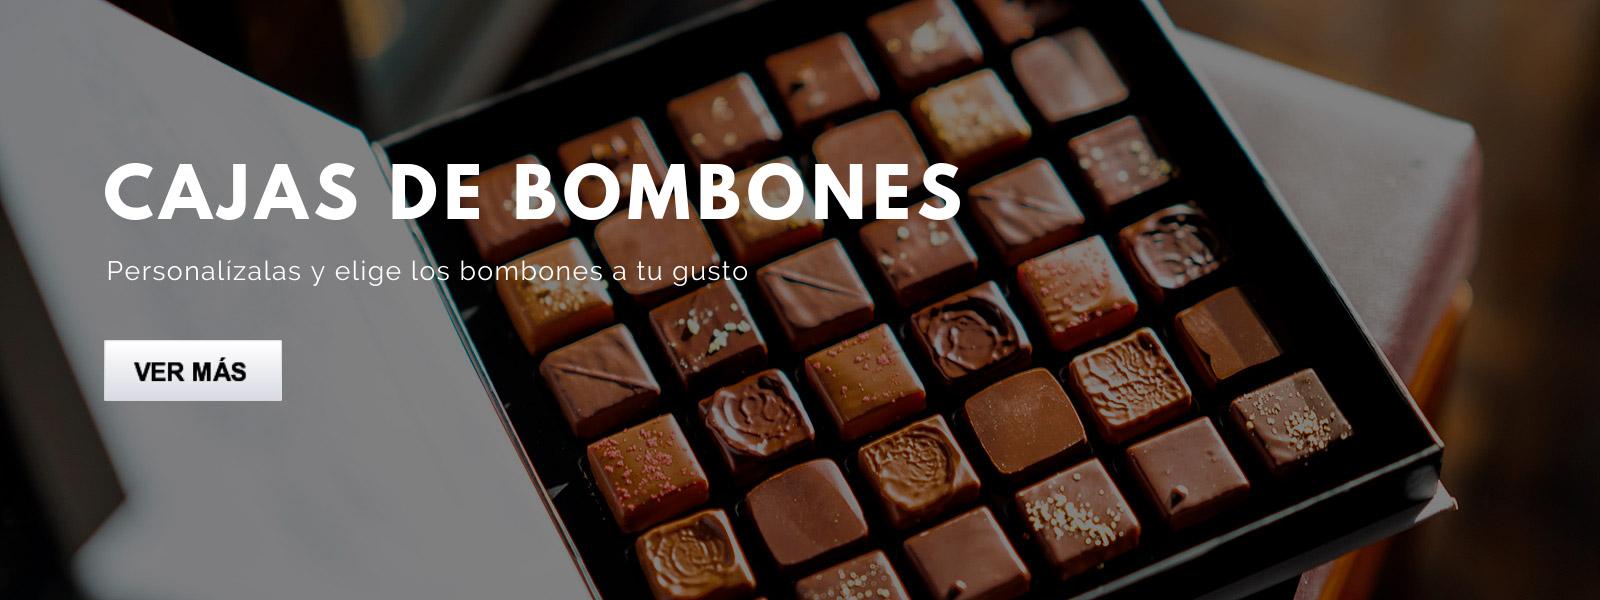 banner-cajas-bombones-ok